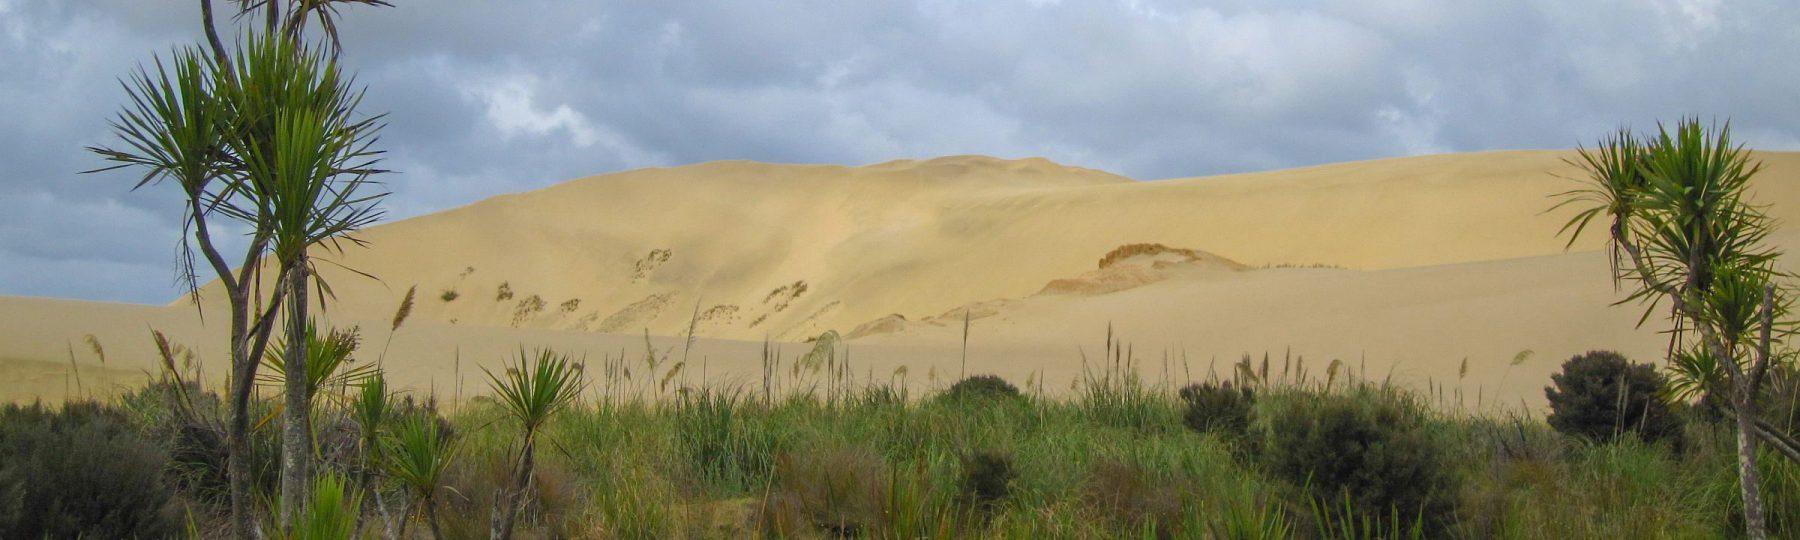 Sanddünen im Grünen - Te Paki auf Neuseeland